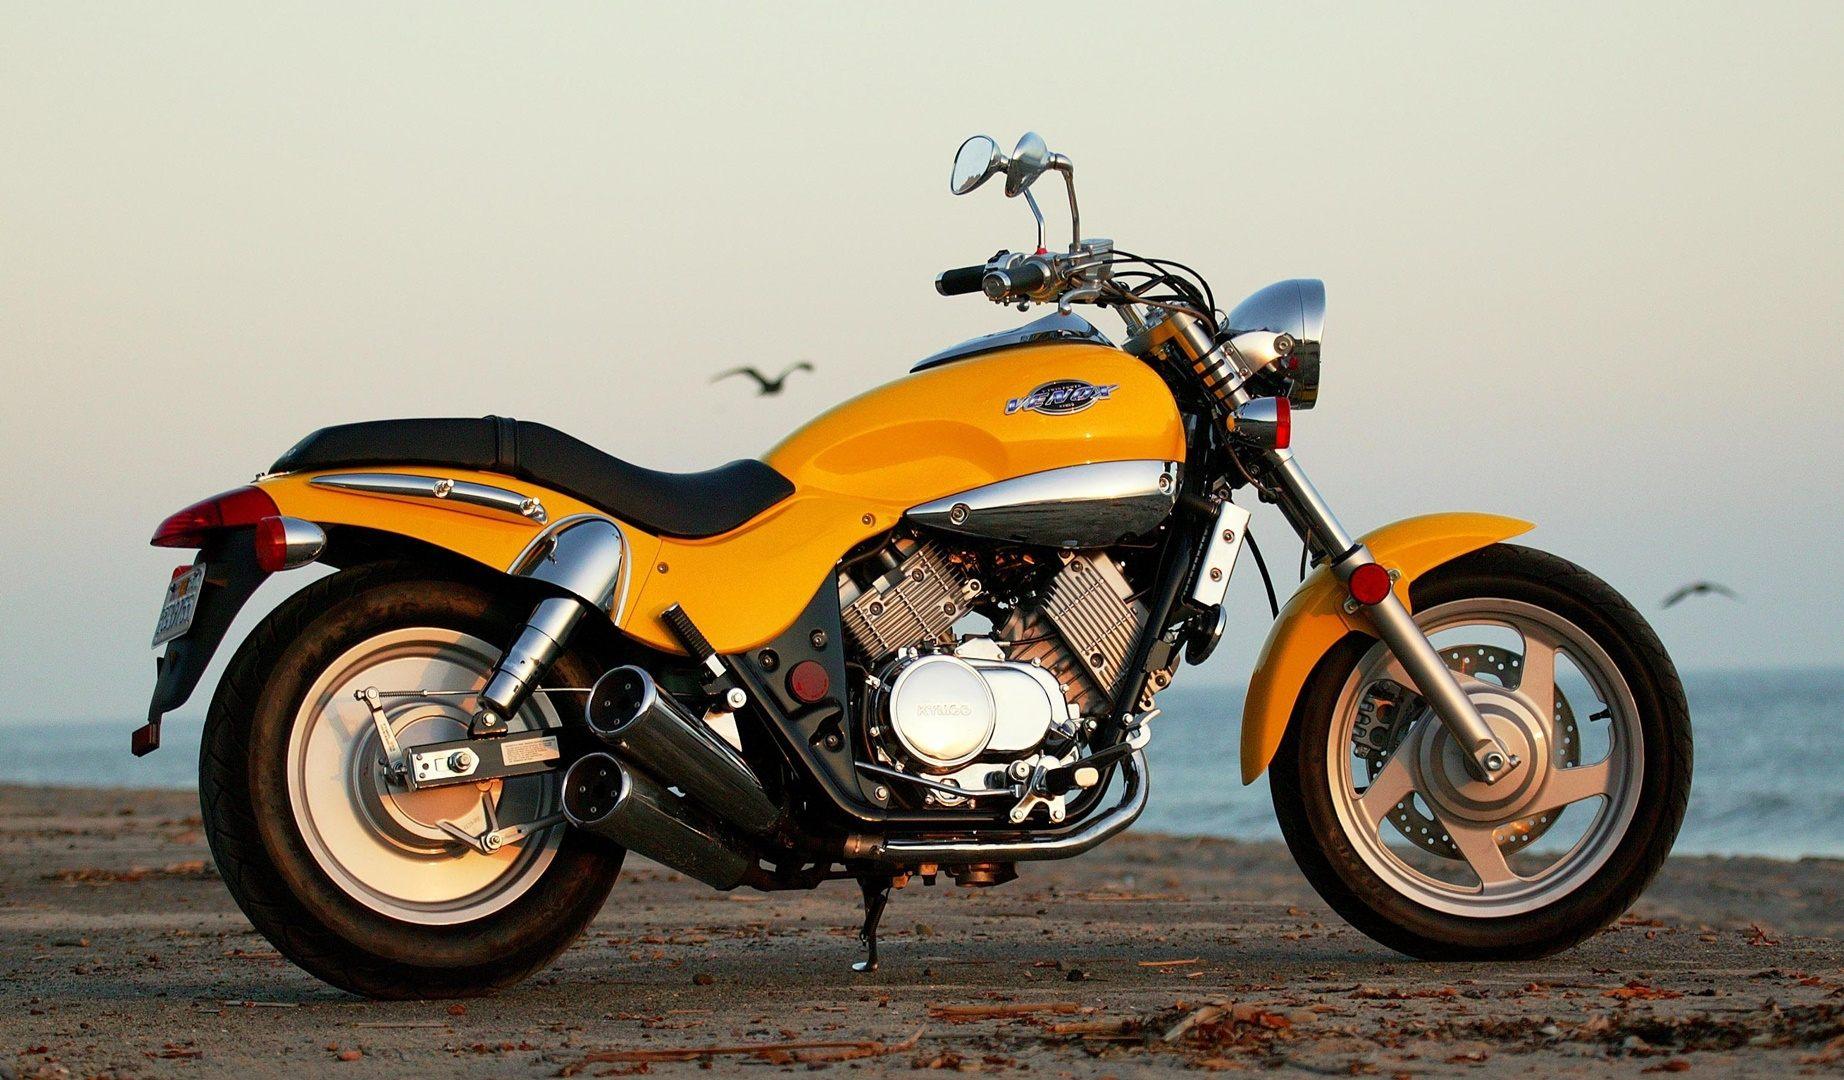 Moto del día: Kawasaki KDX 220 R | espíritu RACER moto en